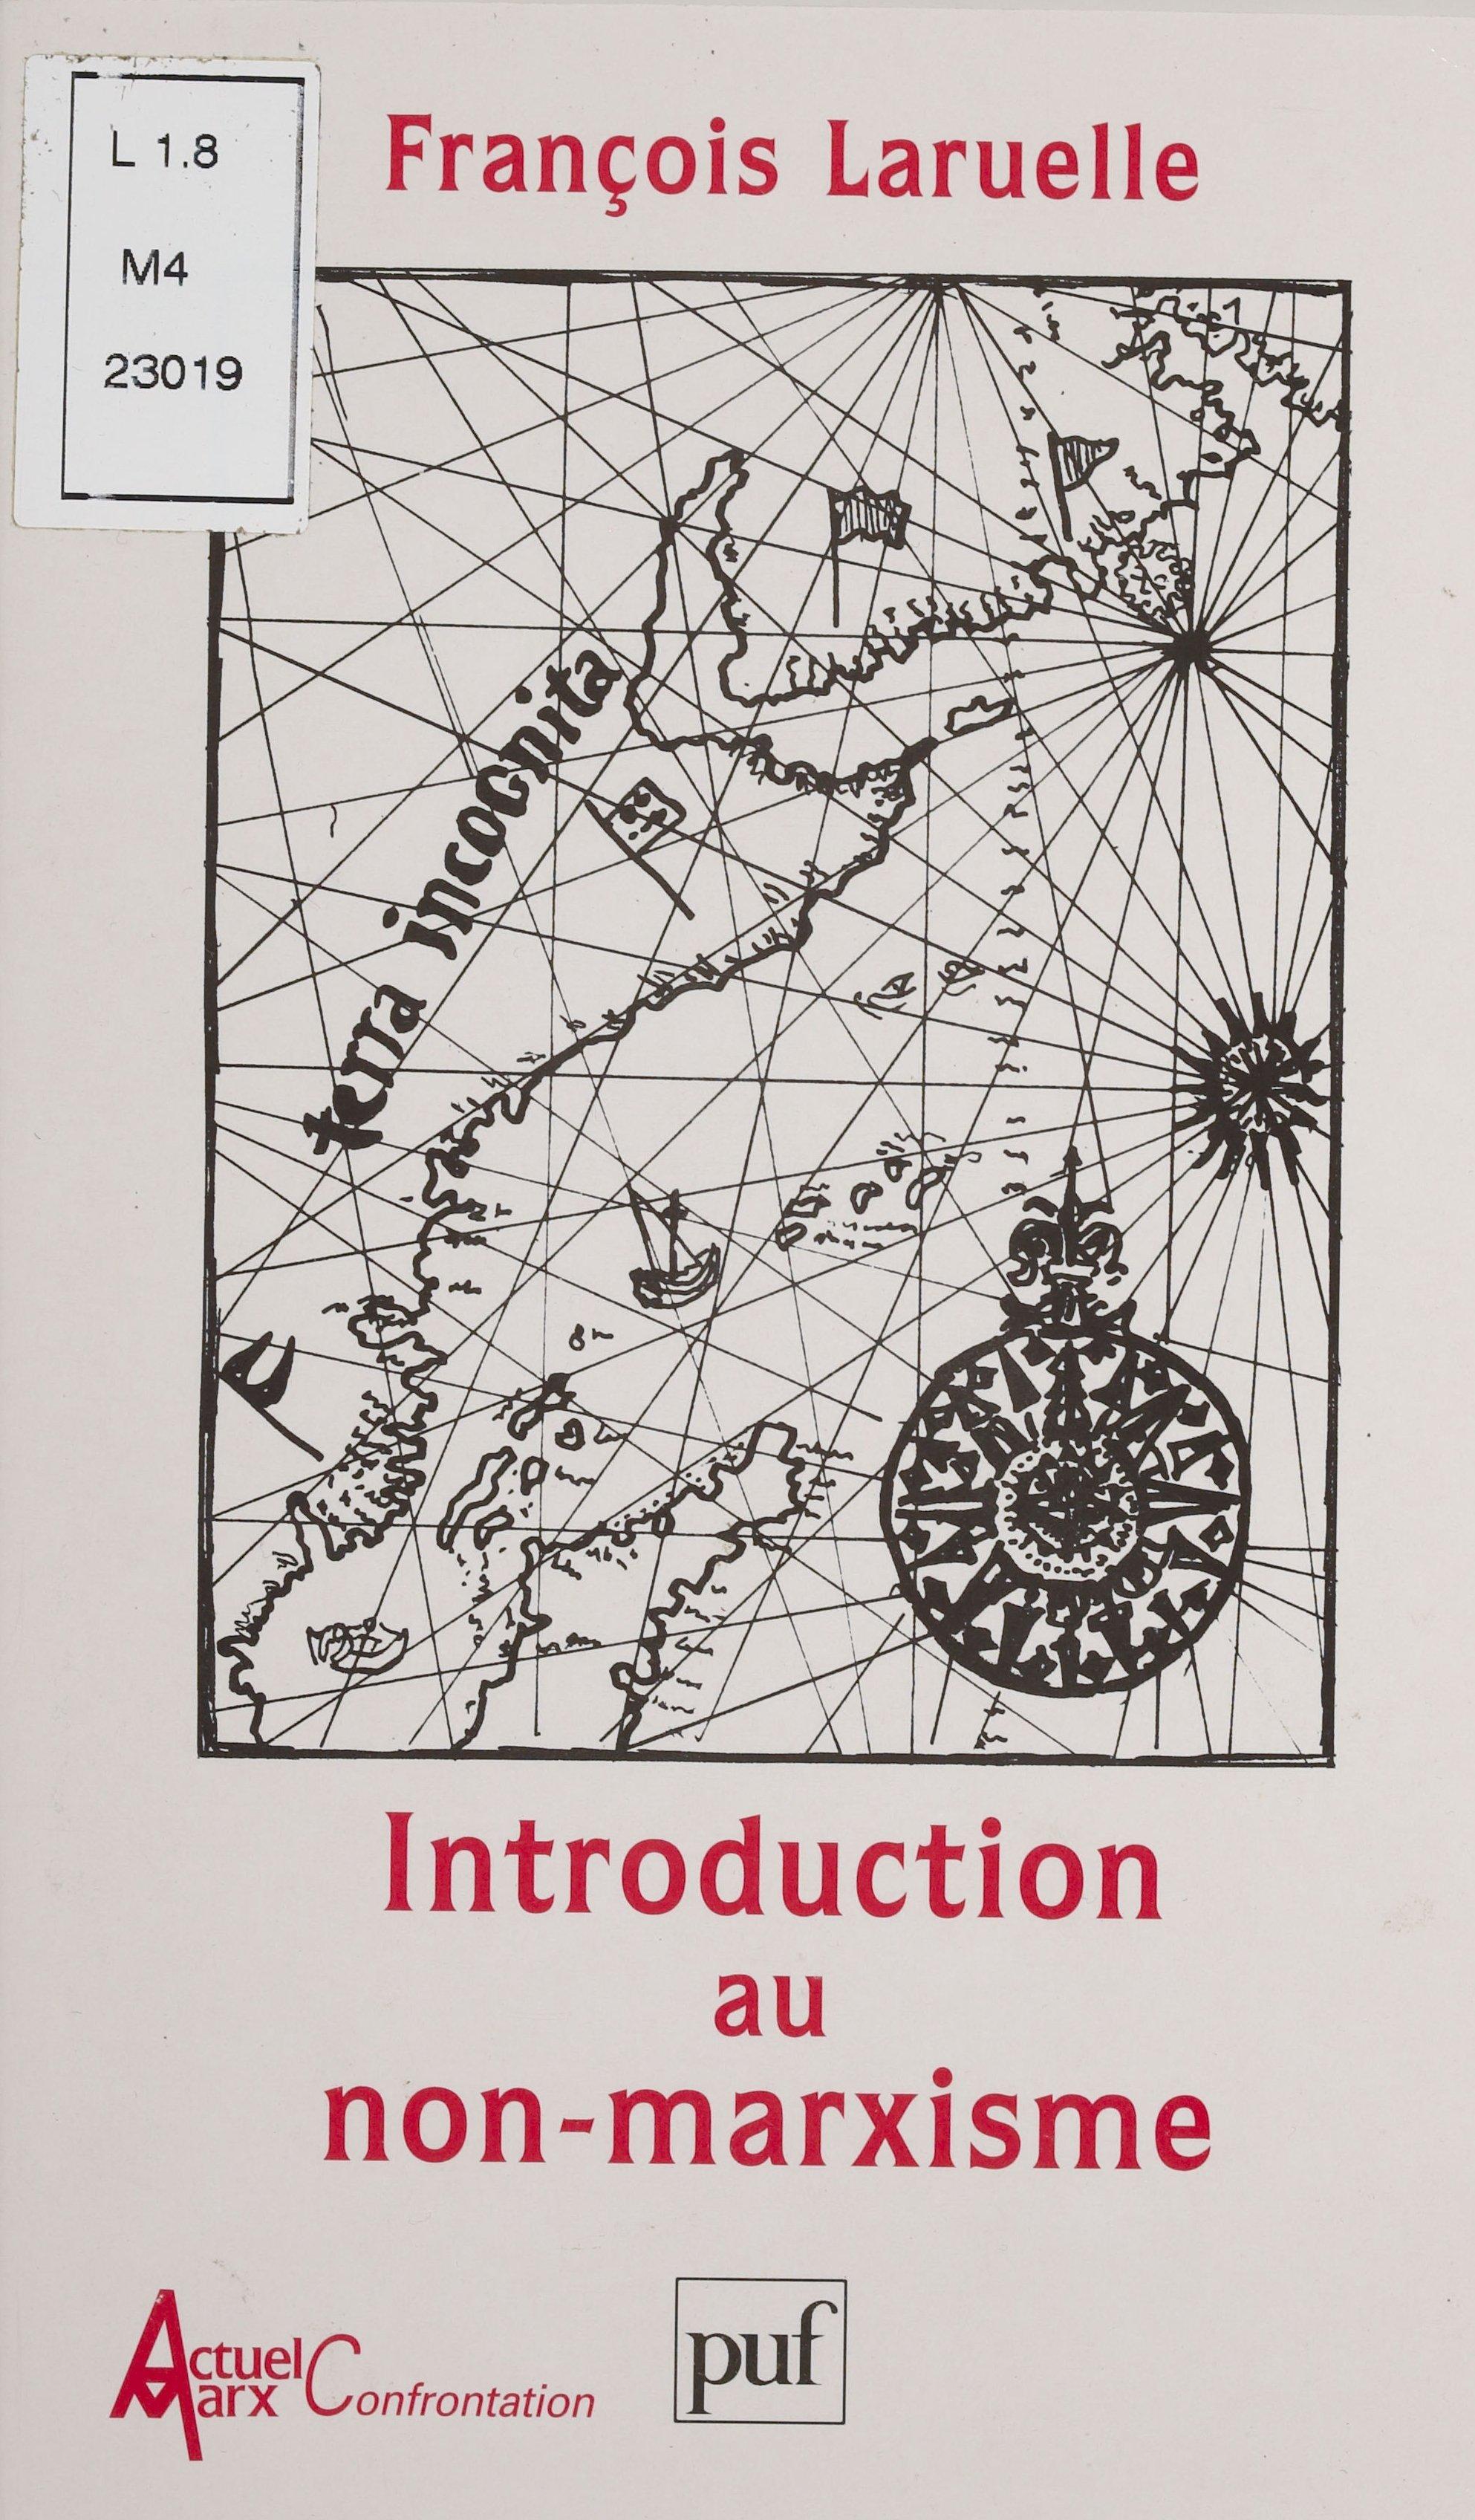 Introduction au non-marxisme